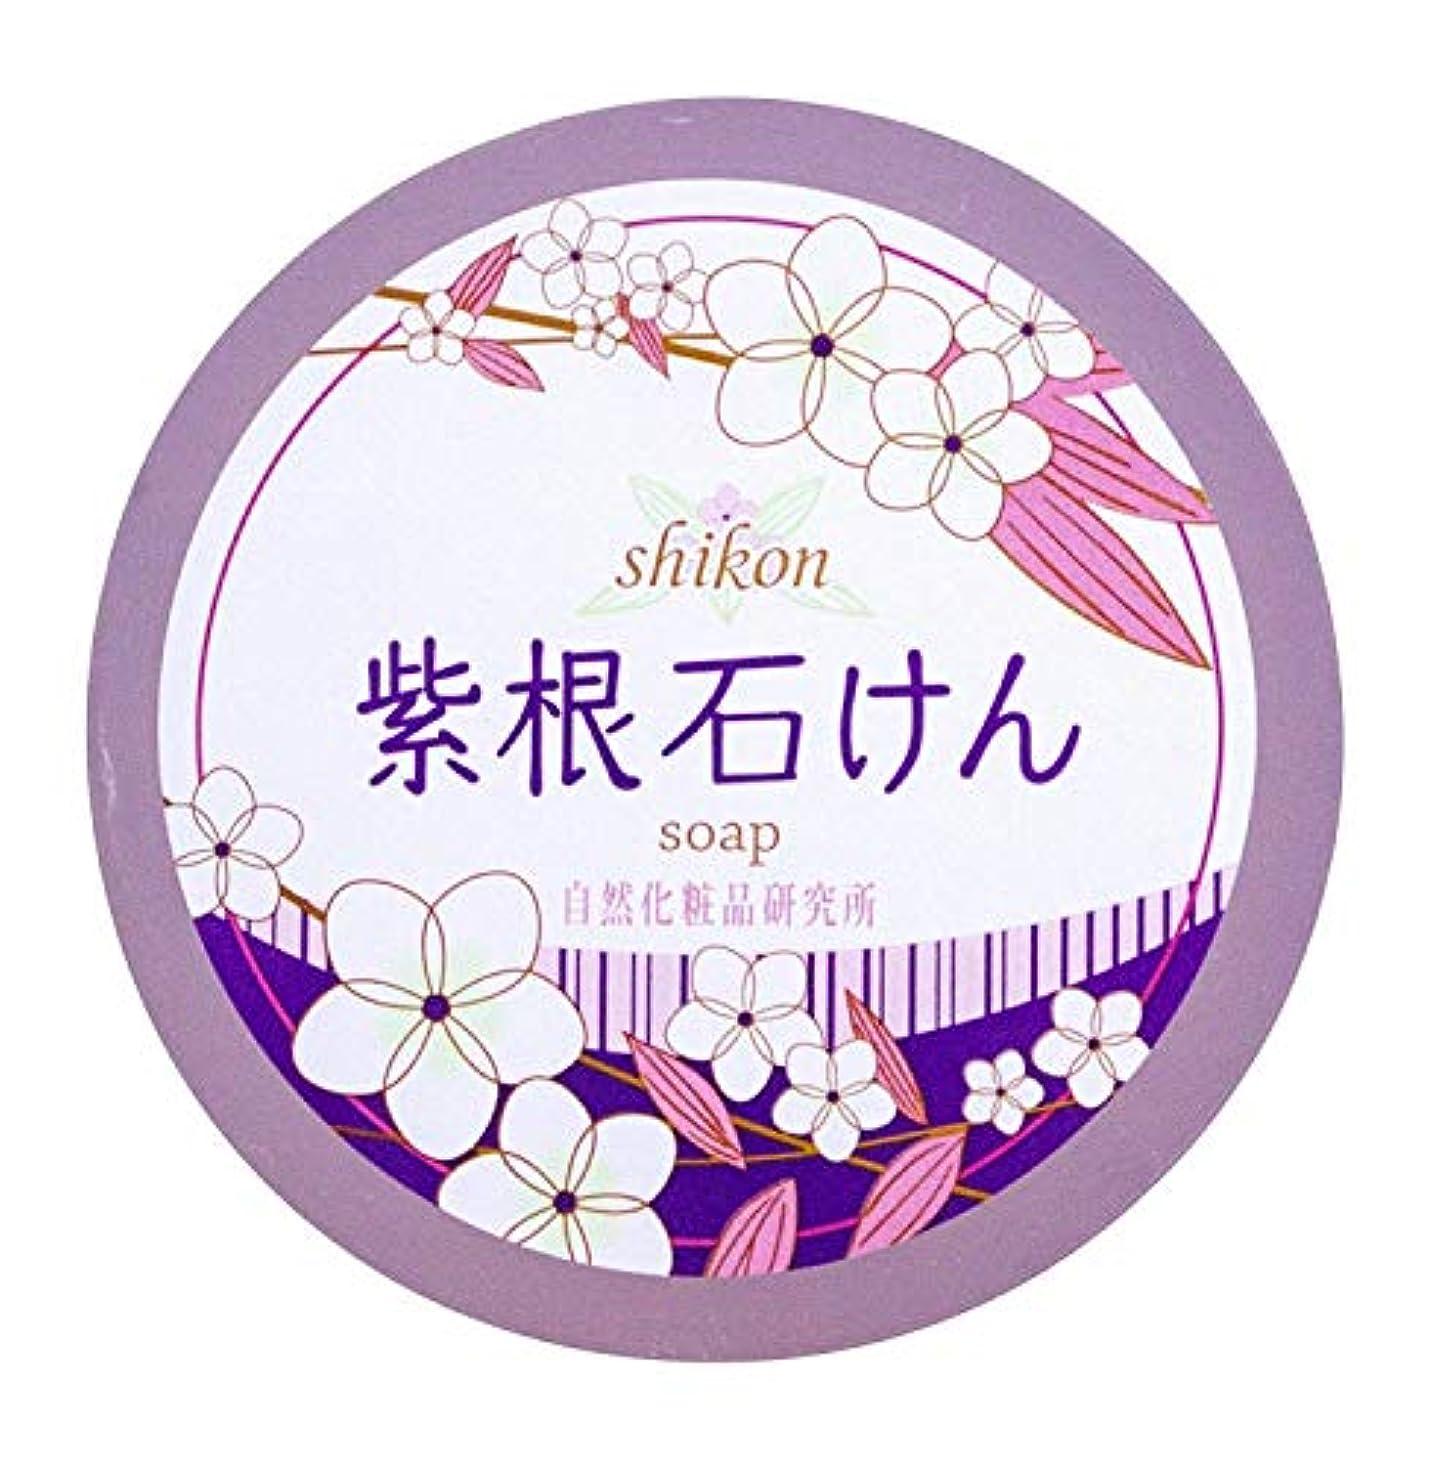 アルカトラズ島苦難対処する自然化粧品研究所 紫根石けん